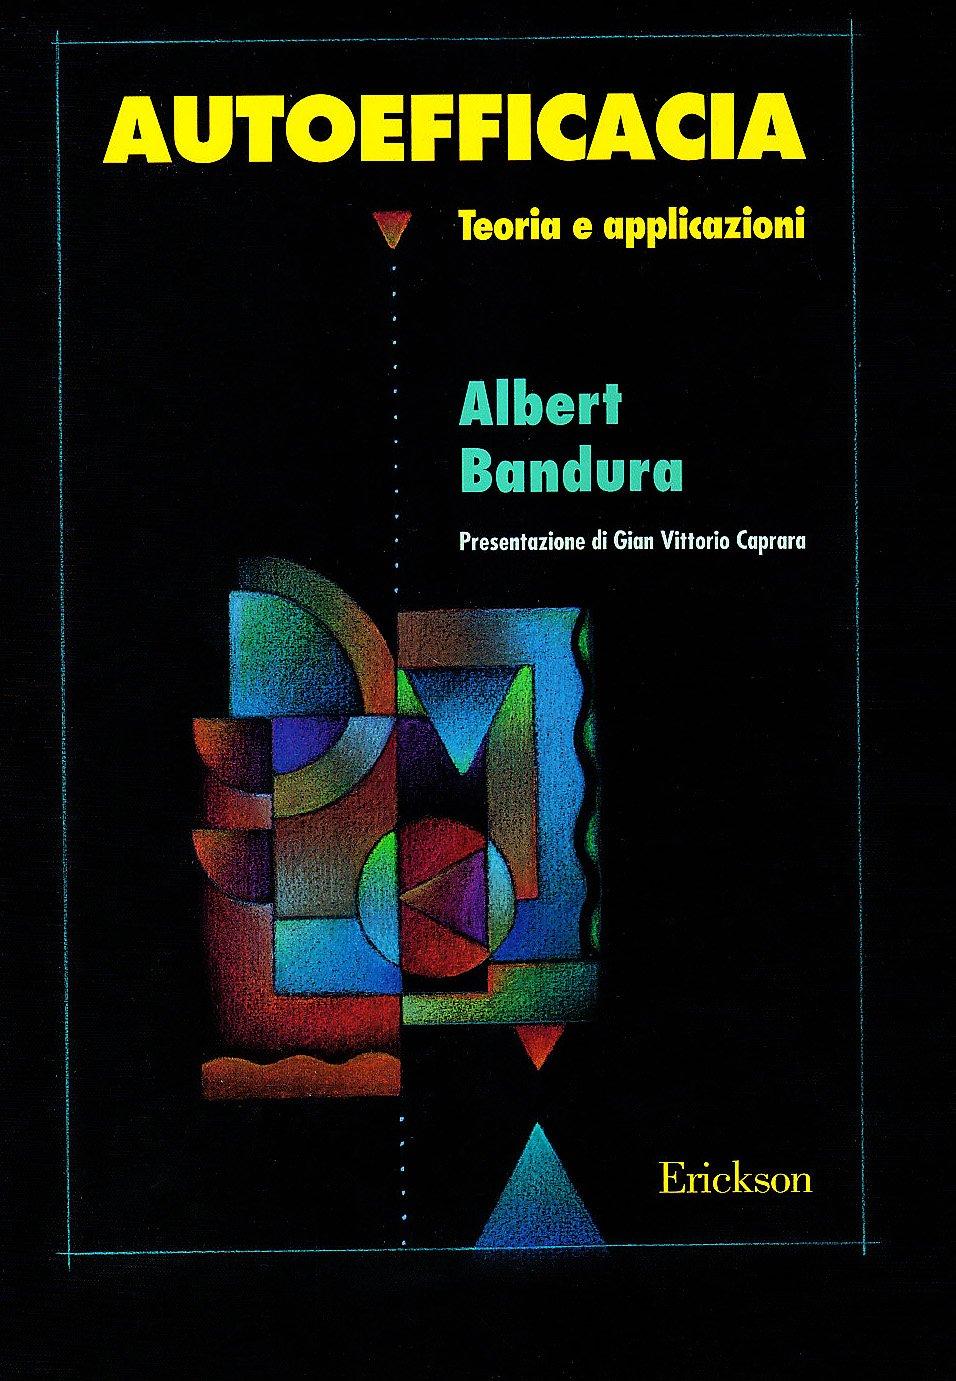 Autoefficacia. Teoria e applicazioni di Albert Bandura